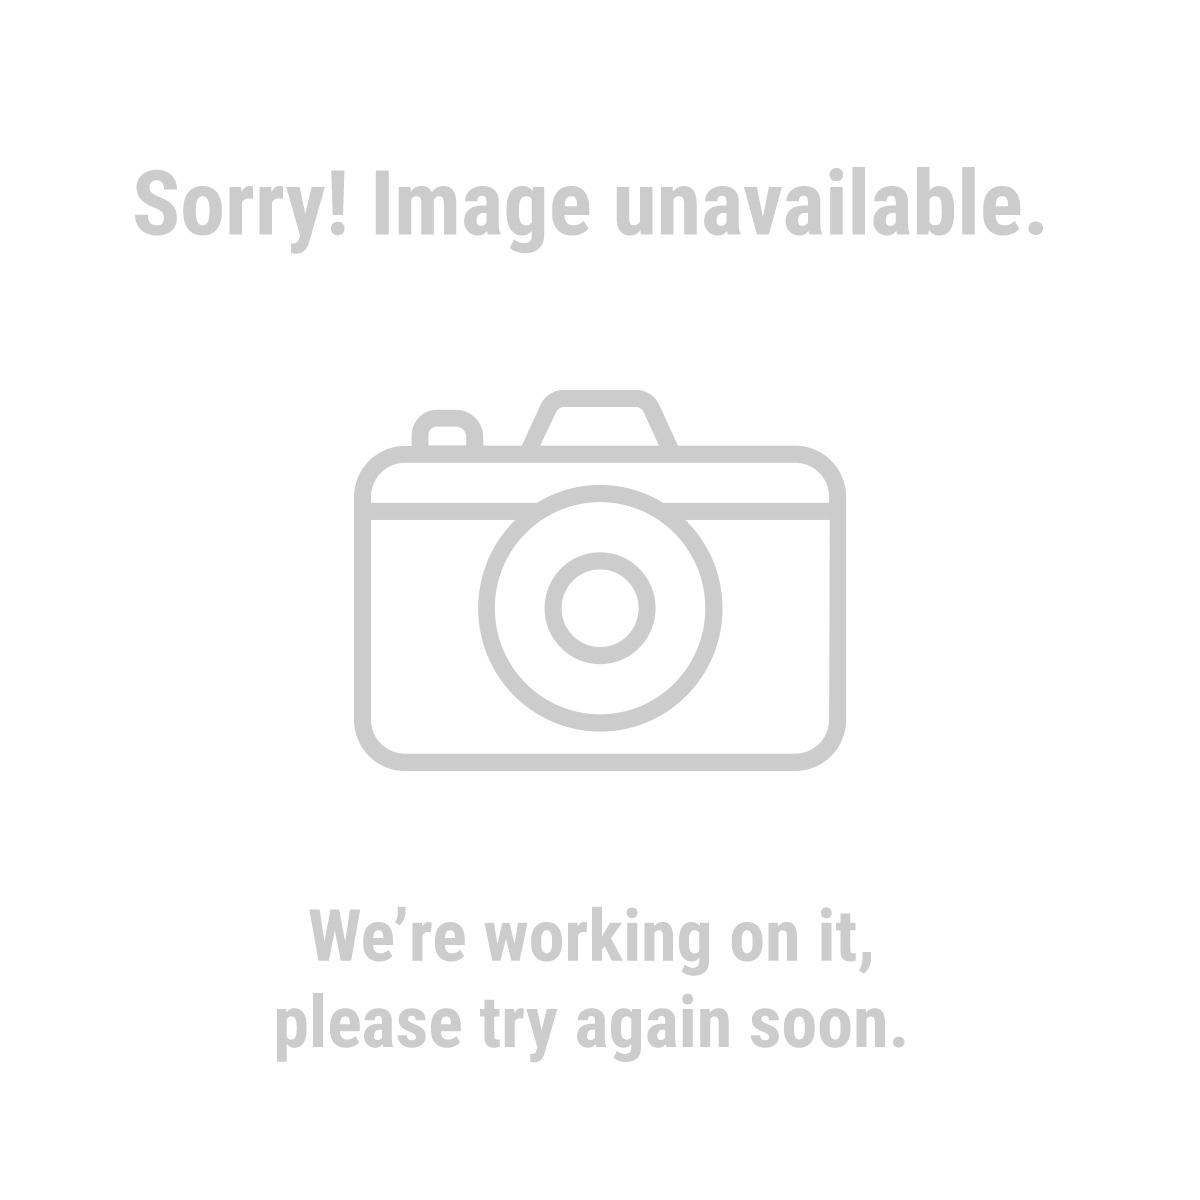 Central Pneumatic® 61871 20 lb. 70 Grit Aluminum Oxide Abrasive